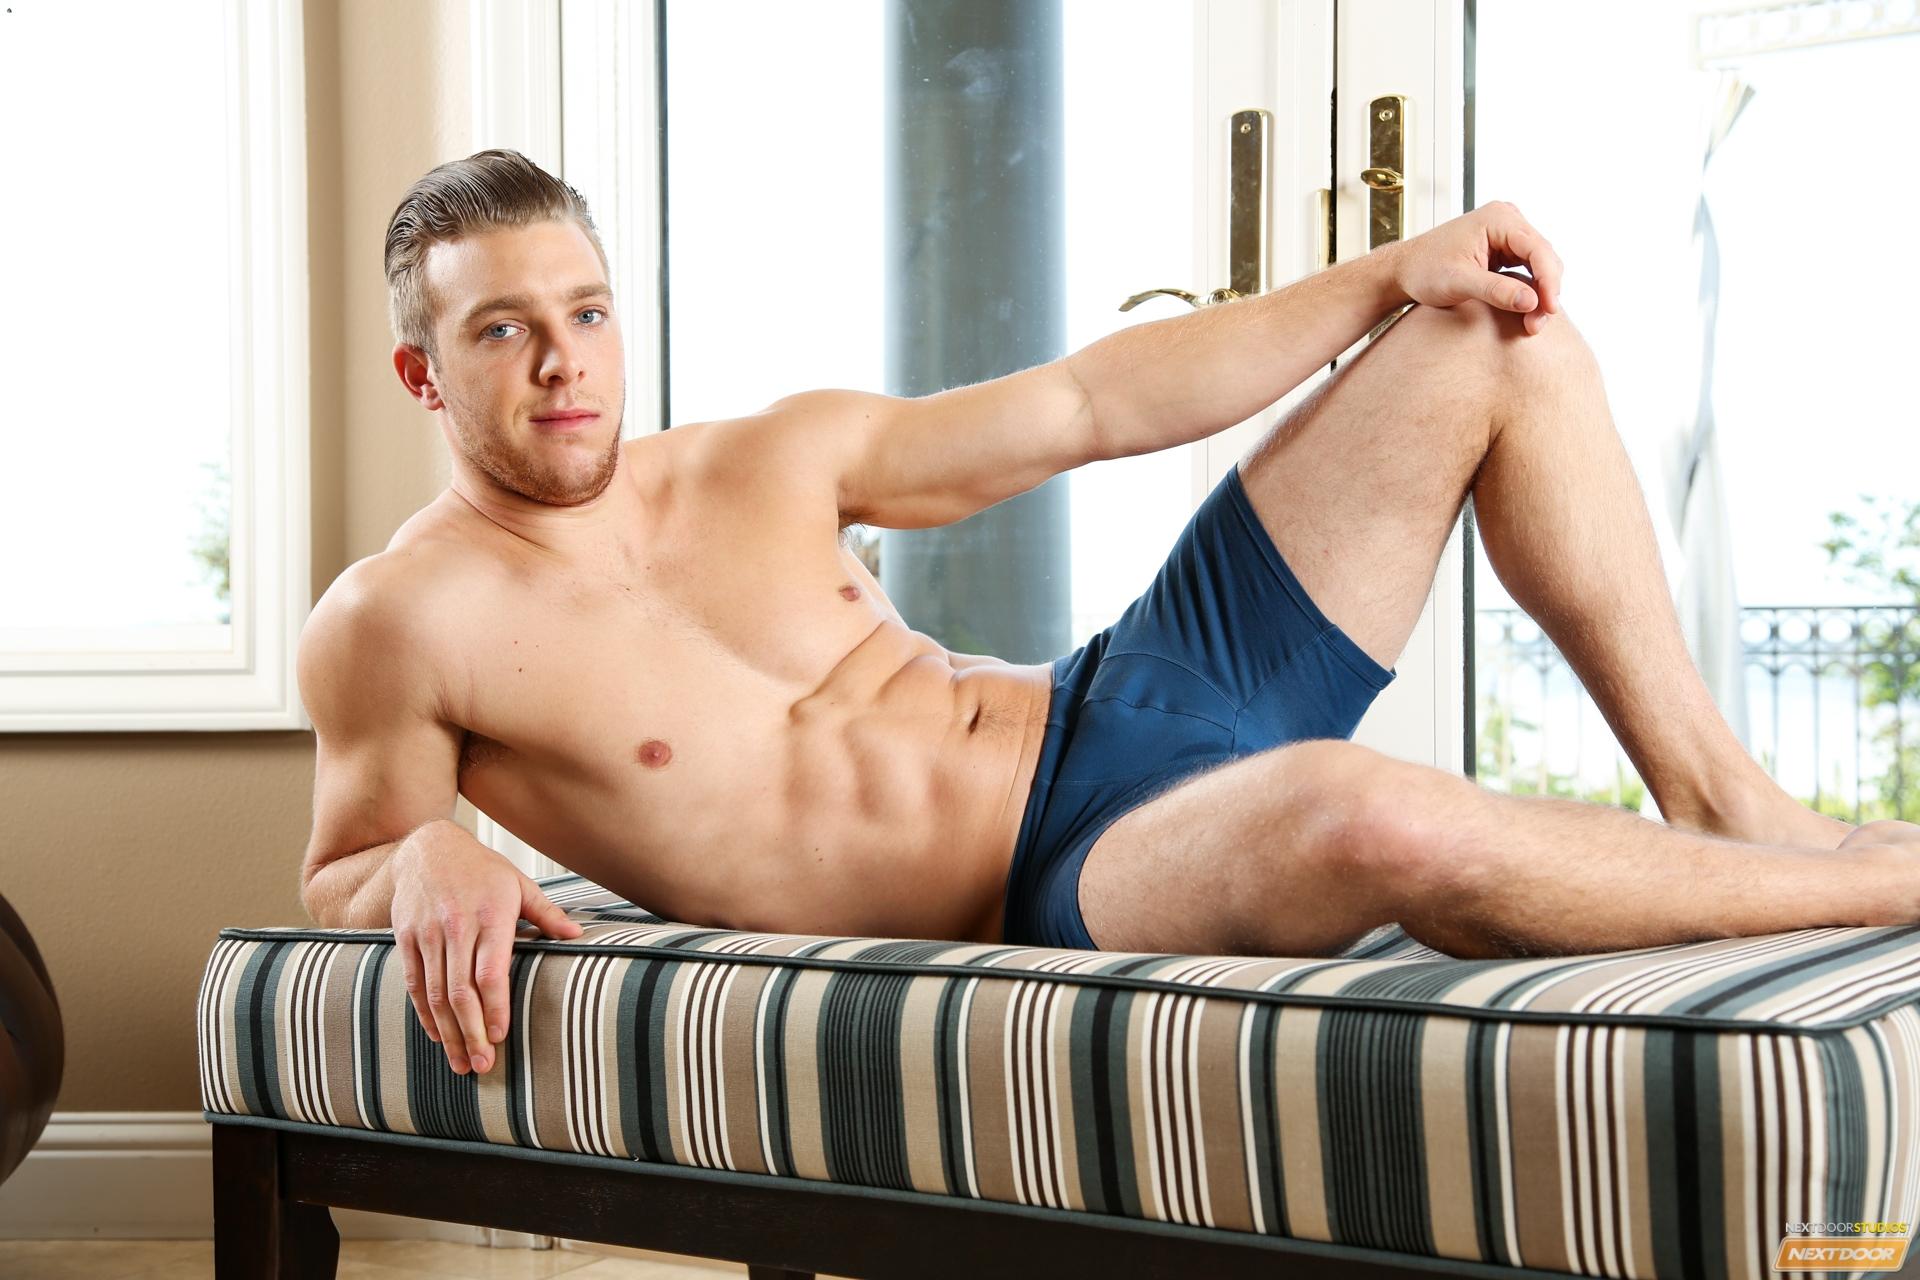 Сайты парней по вызову, Парни по вызову в Москве Реклама на сайте 4 фотография